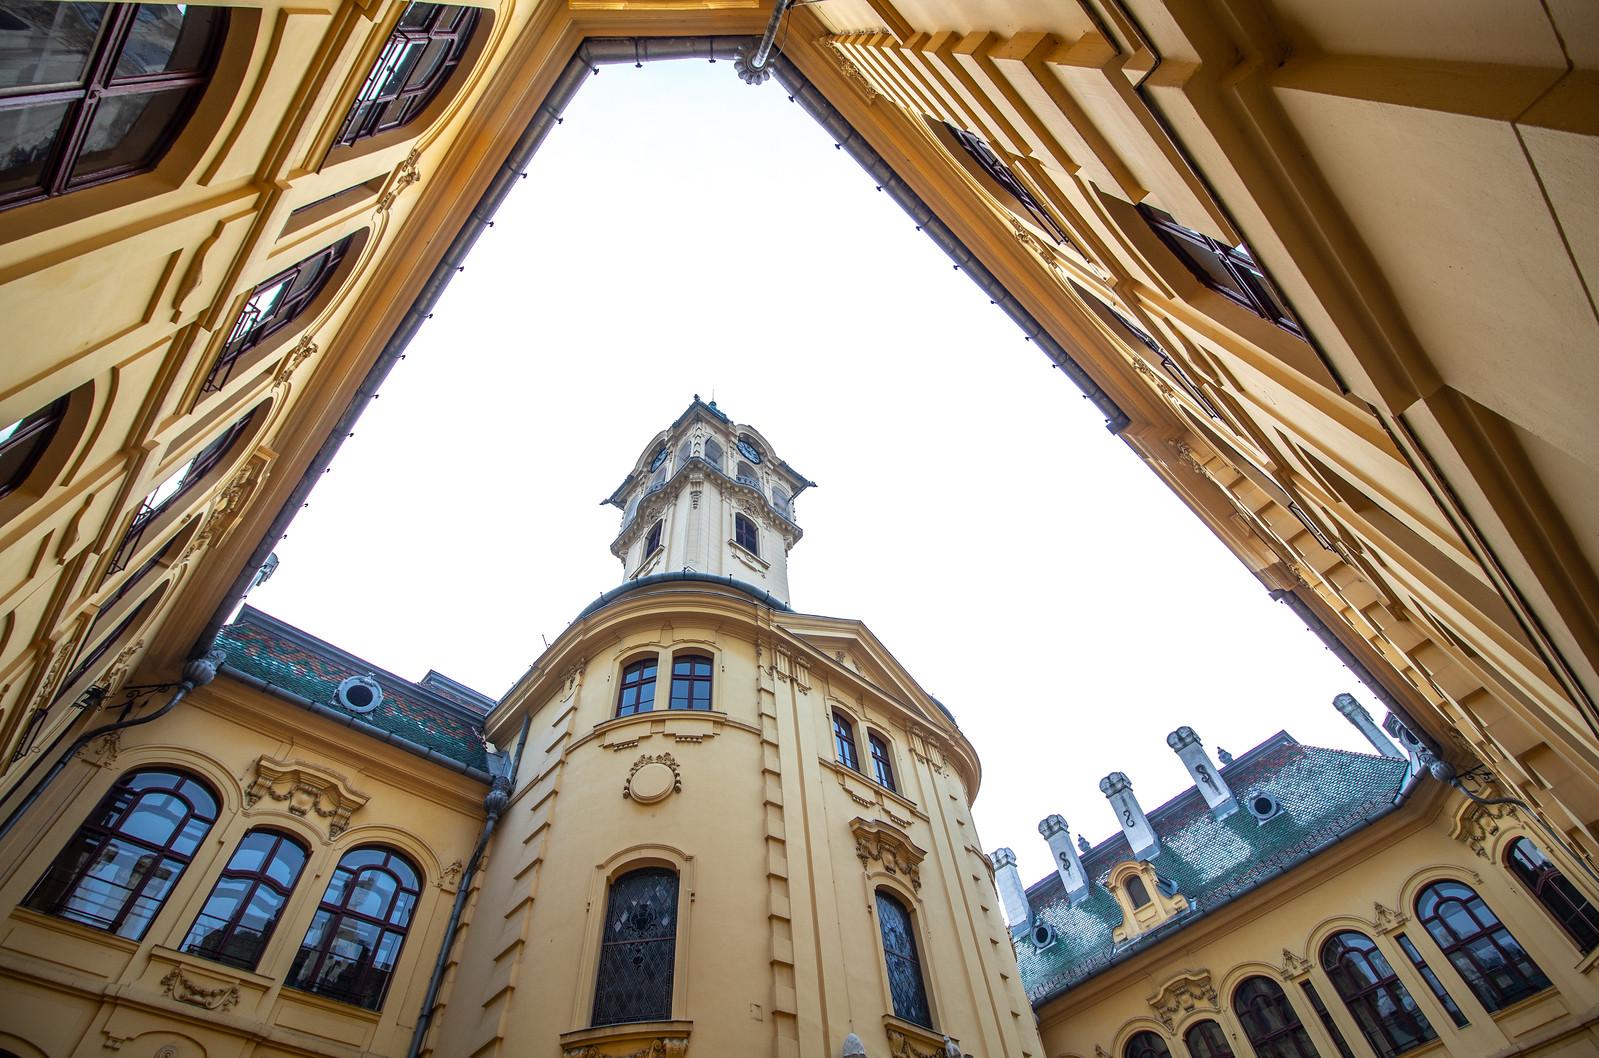 Elfogadták Szeged költségvetésének módosítását, 800 milliót vonnak el a városi cégektől